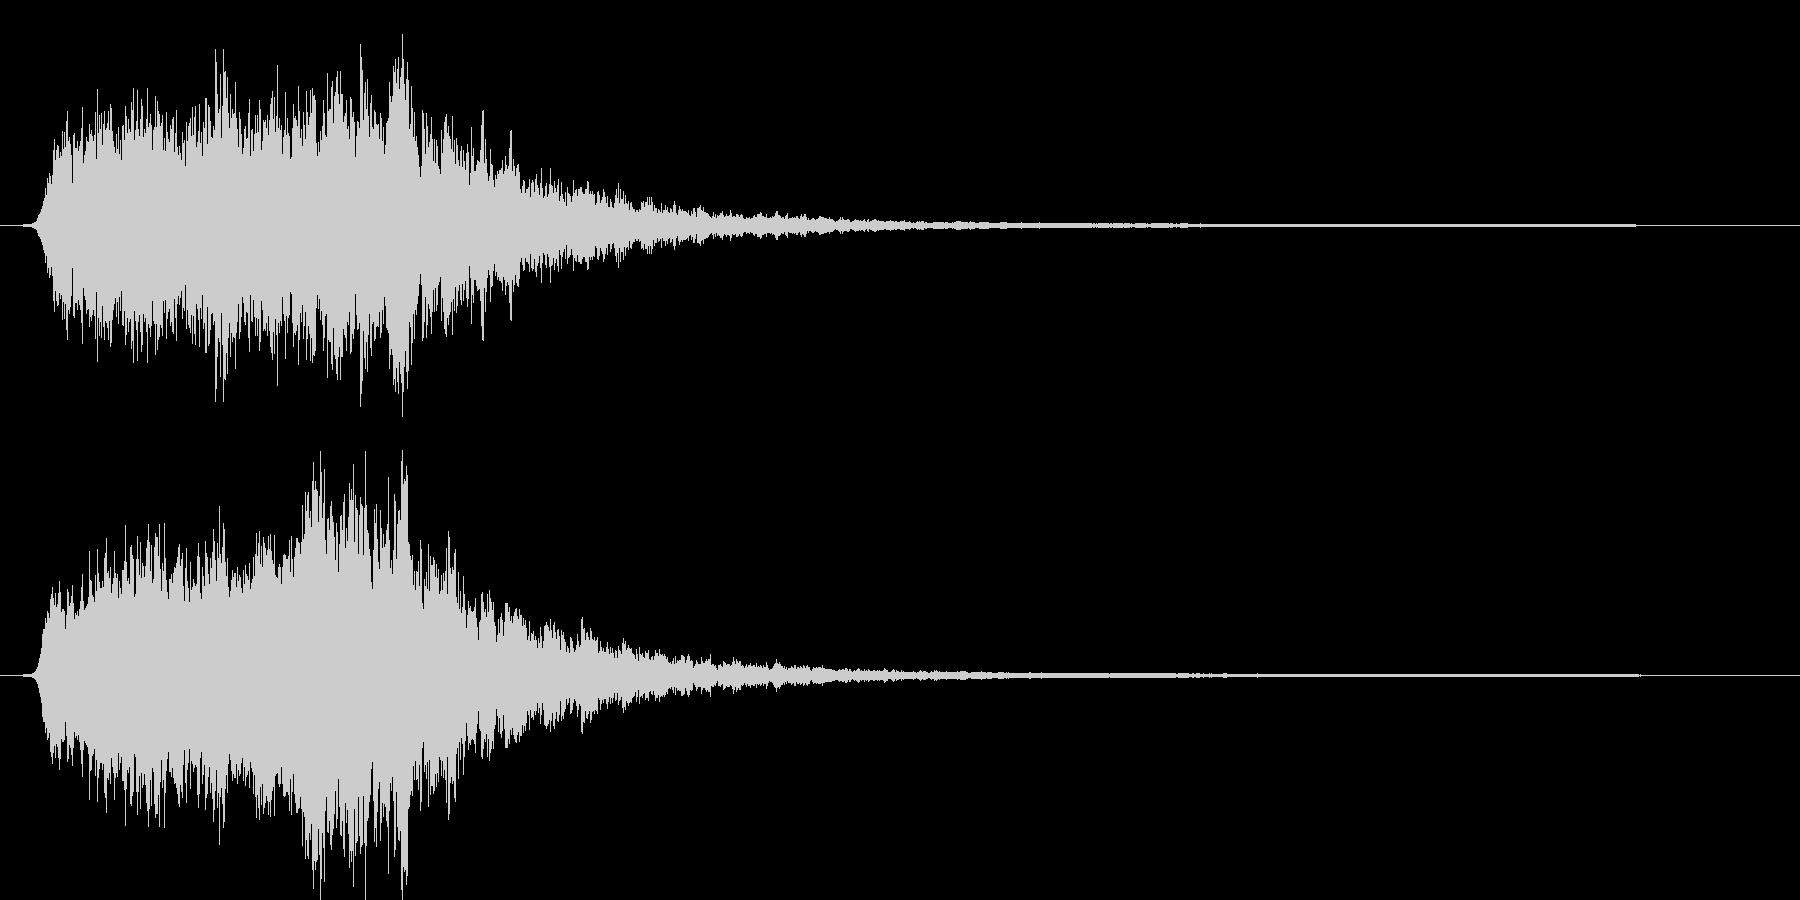 ギュゥゥ。恐怖・悪寒の音D(低・下降)の未再生の波形